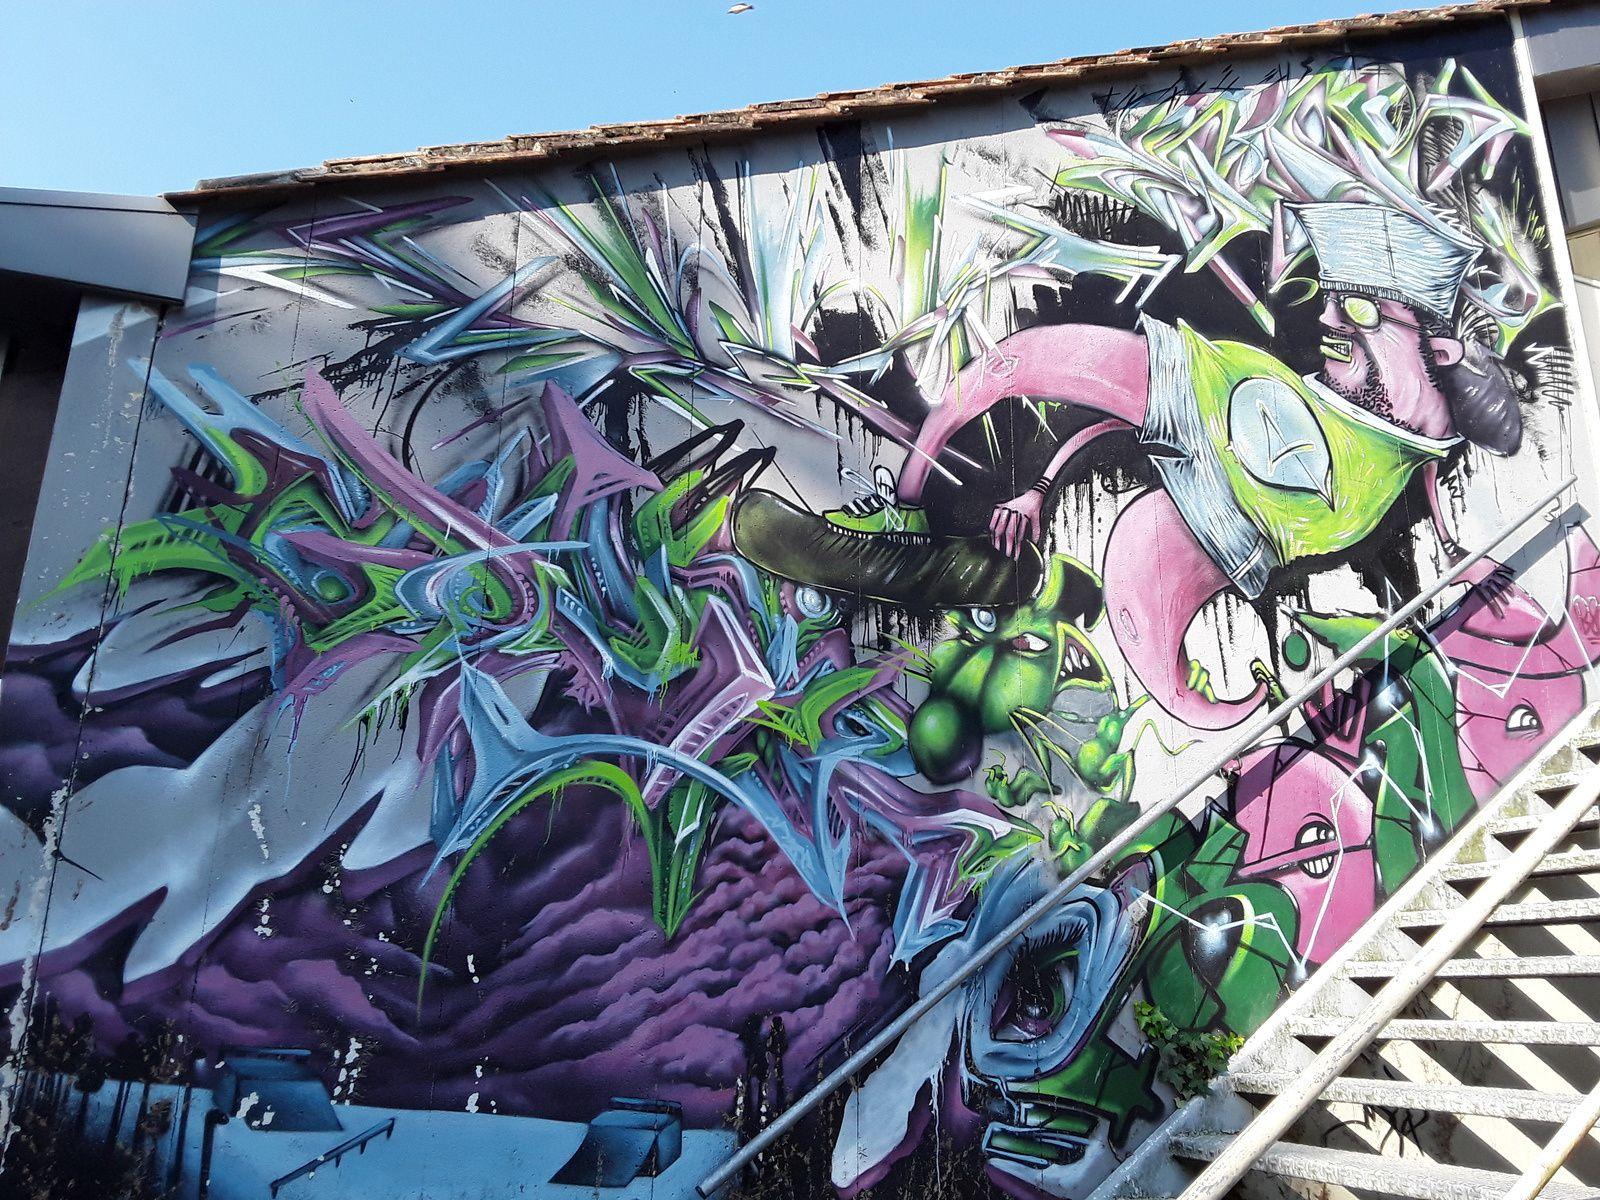 Balade en passant par le parc au niveau du skate park, une immense fresque puis sous le pont, plus graffitis